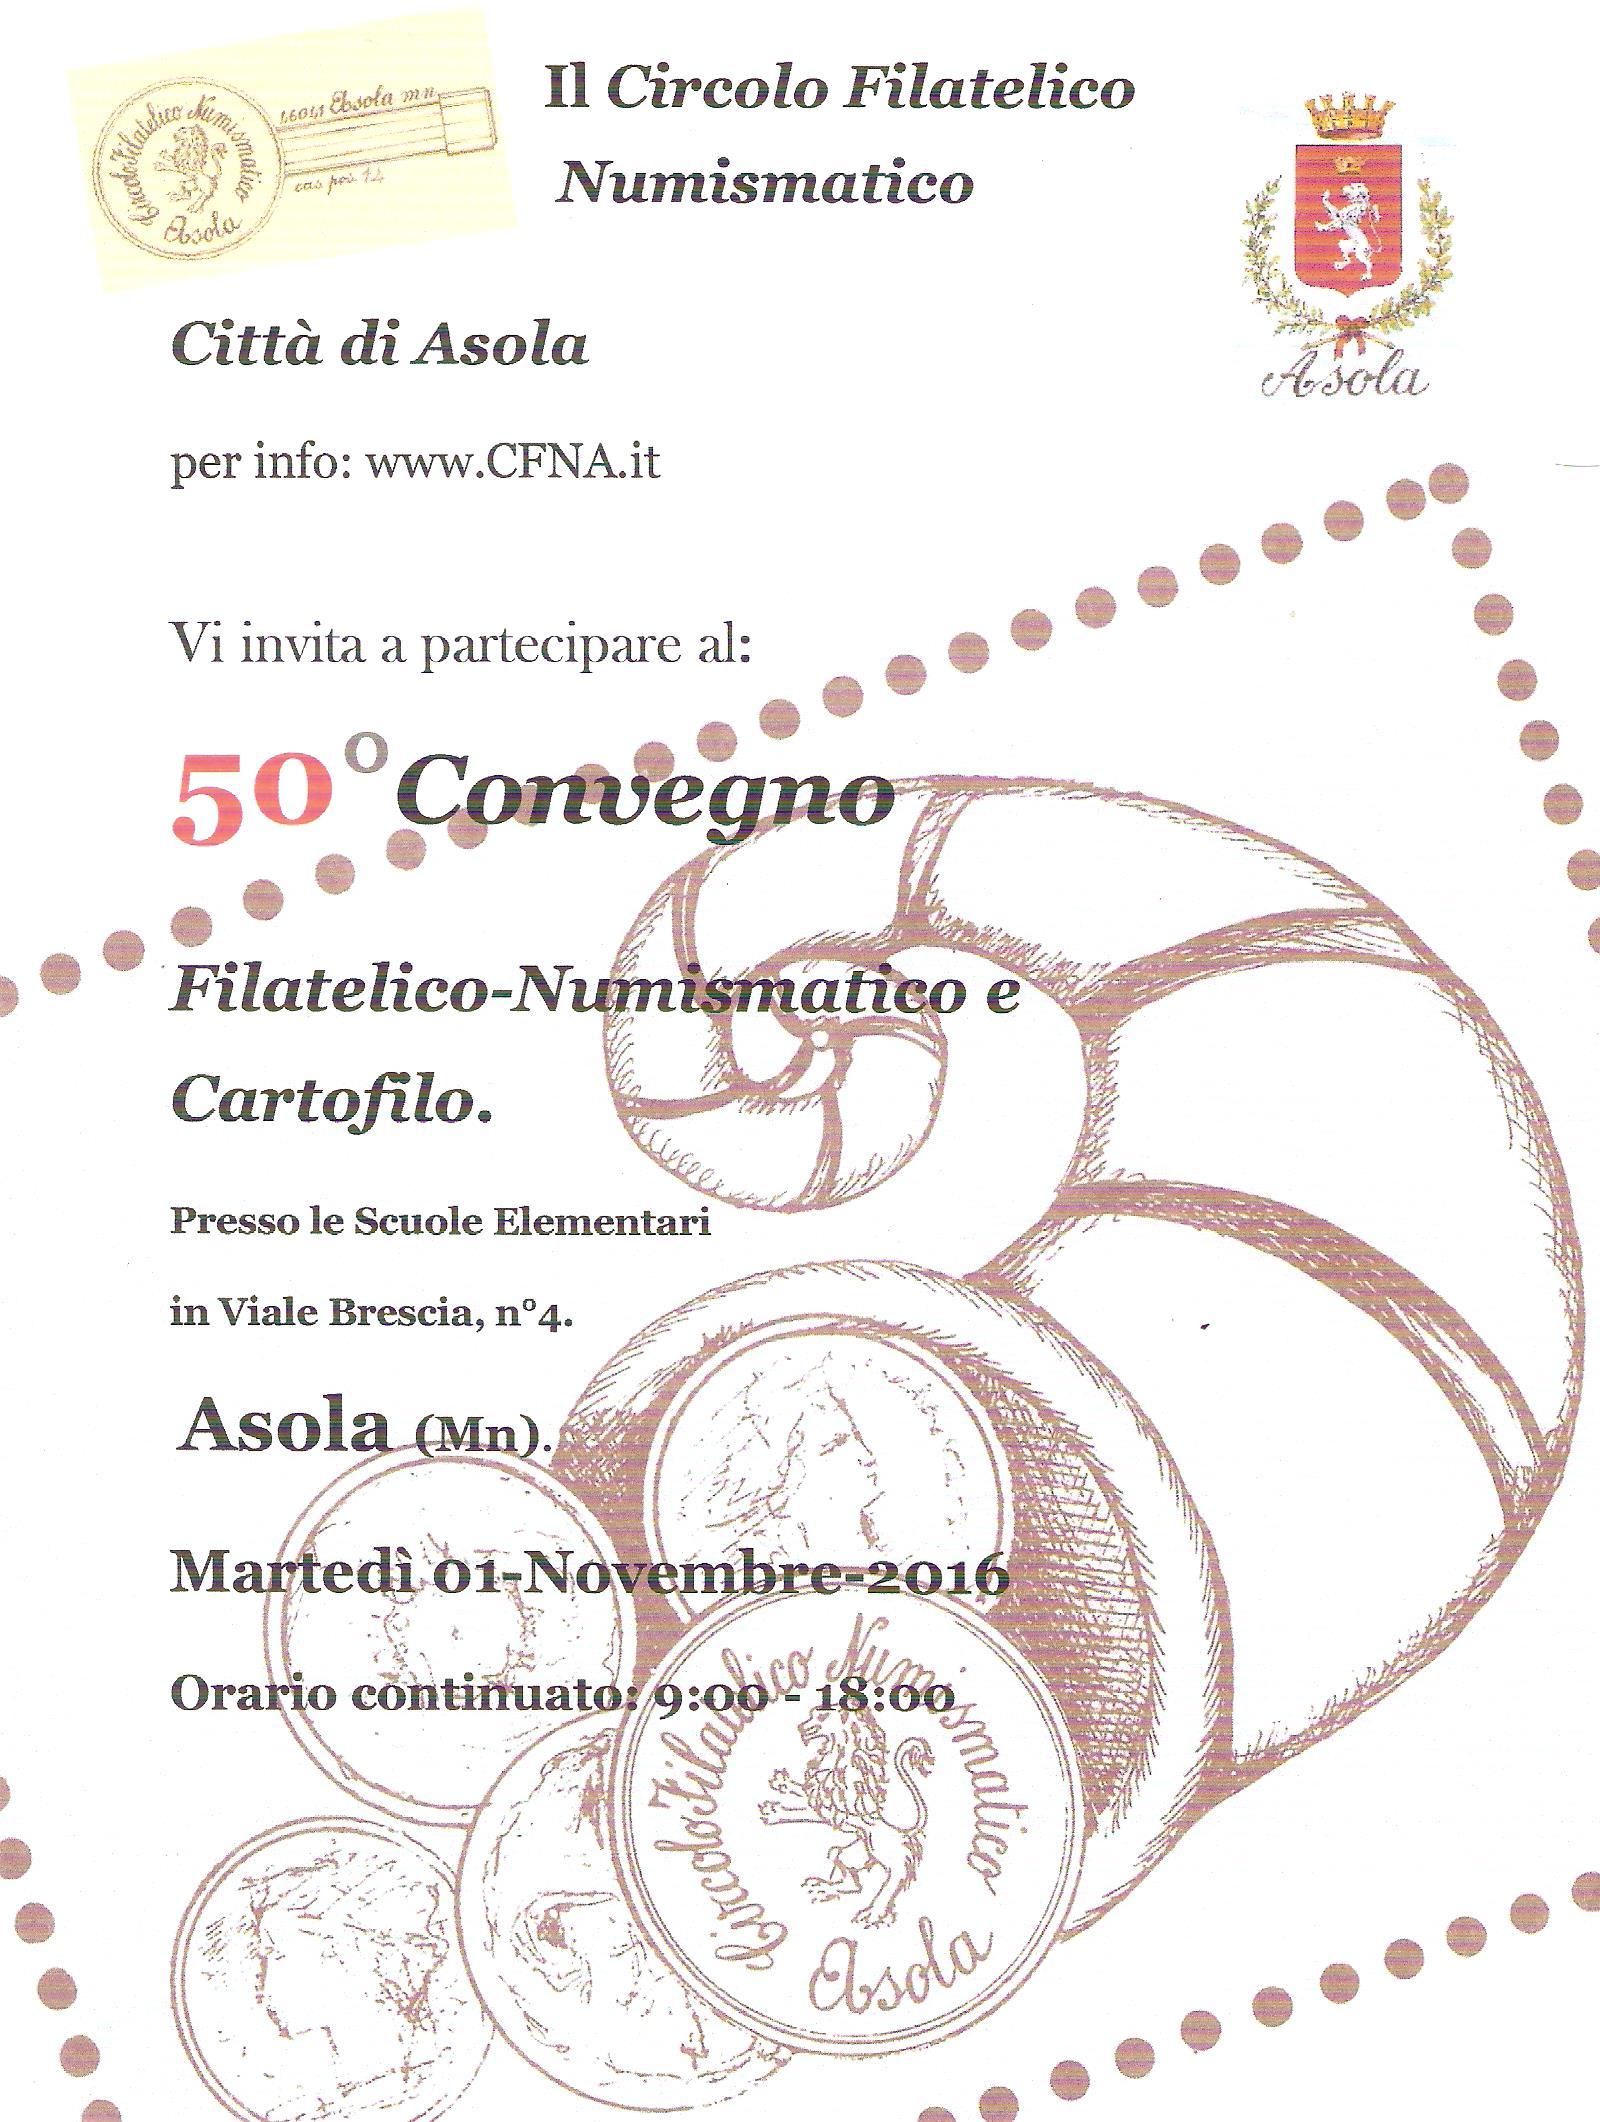 19d8a3a22d Evento commerciale] 50° convegno numismatico asola - Segnalazione ...